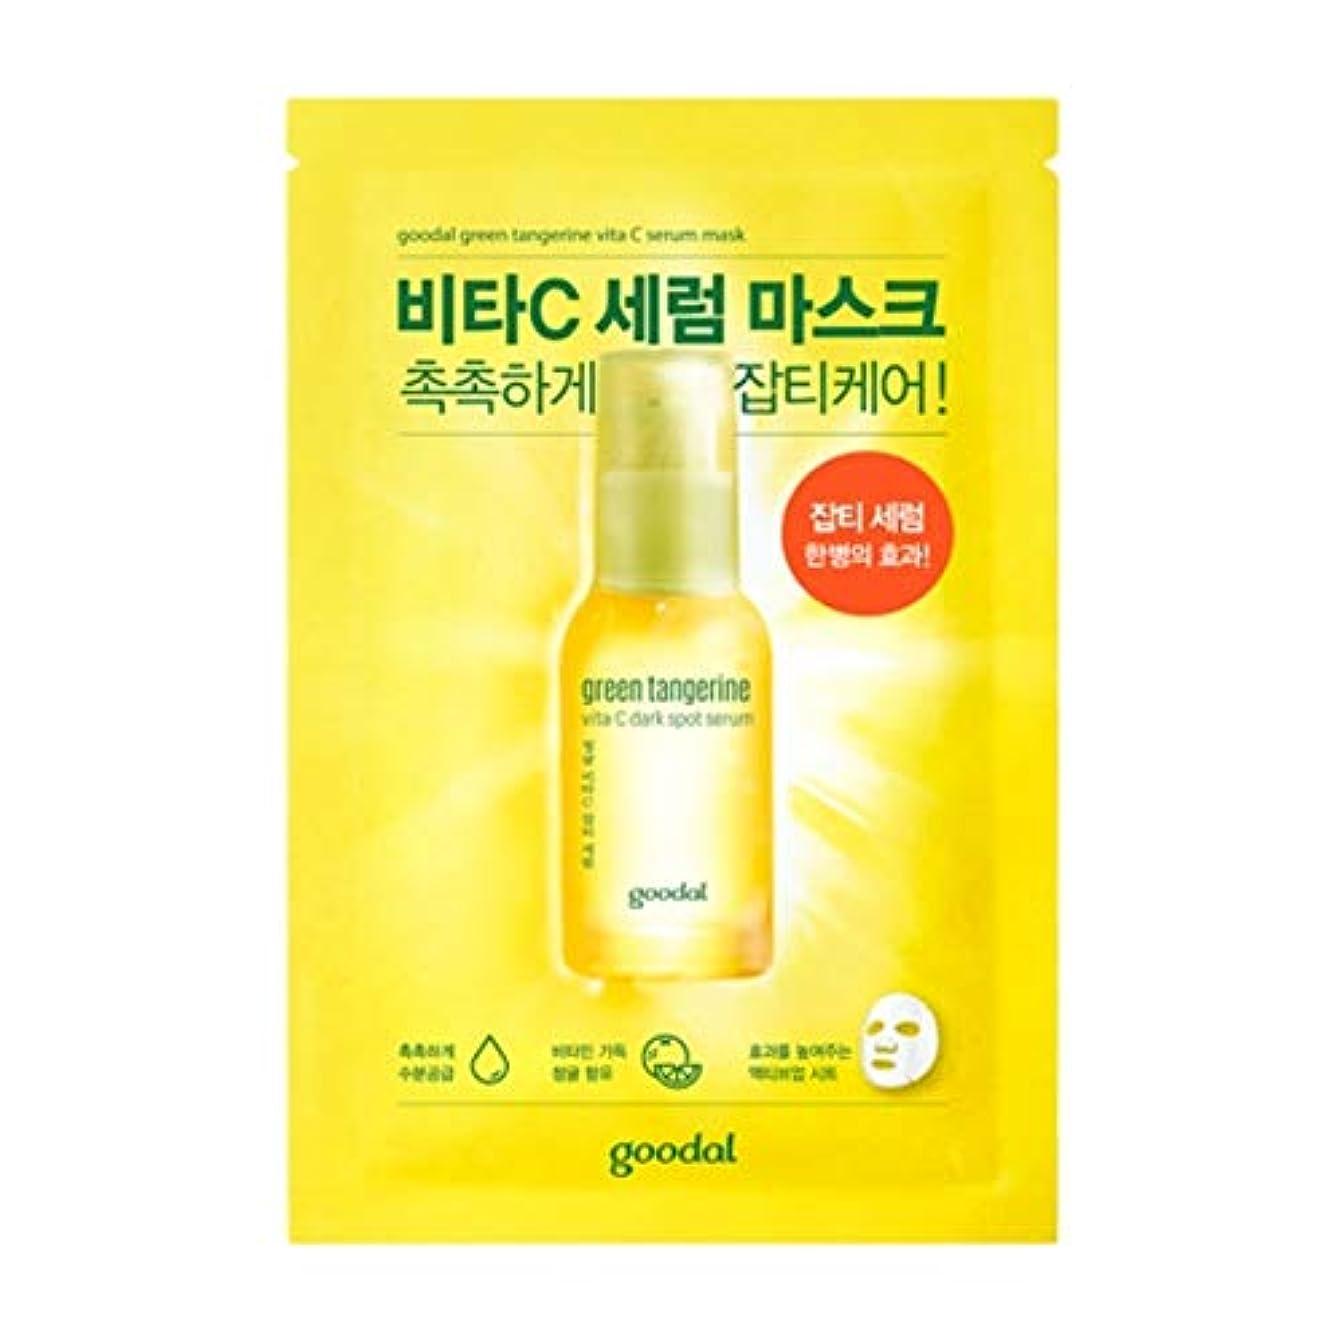 容疑者微弱資産Goodal Green Tangerine Vita C Dark Spot Serum Sheet mask チョンギュル、ビタC汚れセラムシートマスク (1 Sheet (1シート)) [並行輸入品]